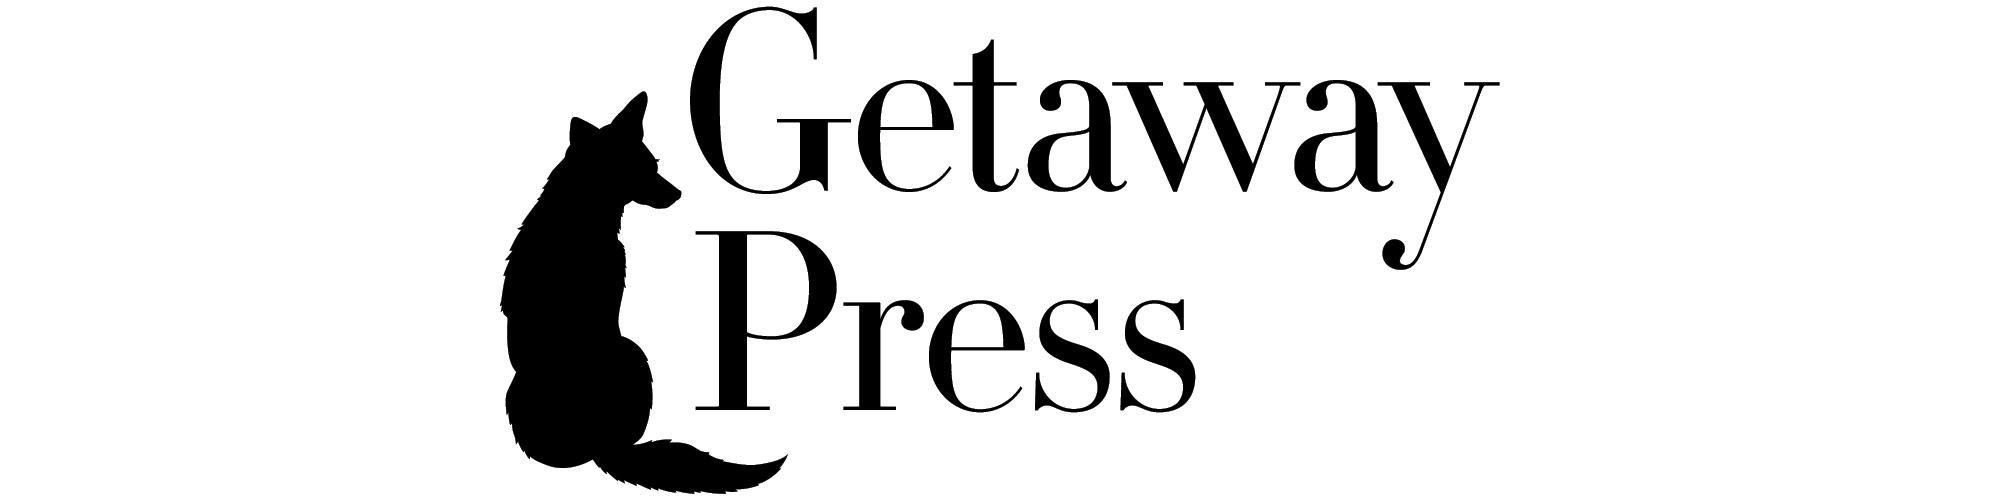 Getaway_Press_Logo_2000x500.jpg